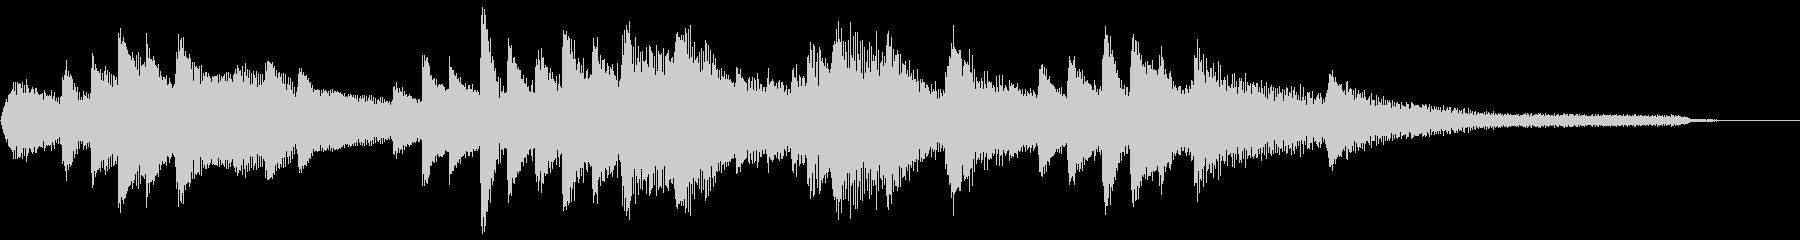 和風のジングル1-ピアノソロの未再生の波形